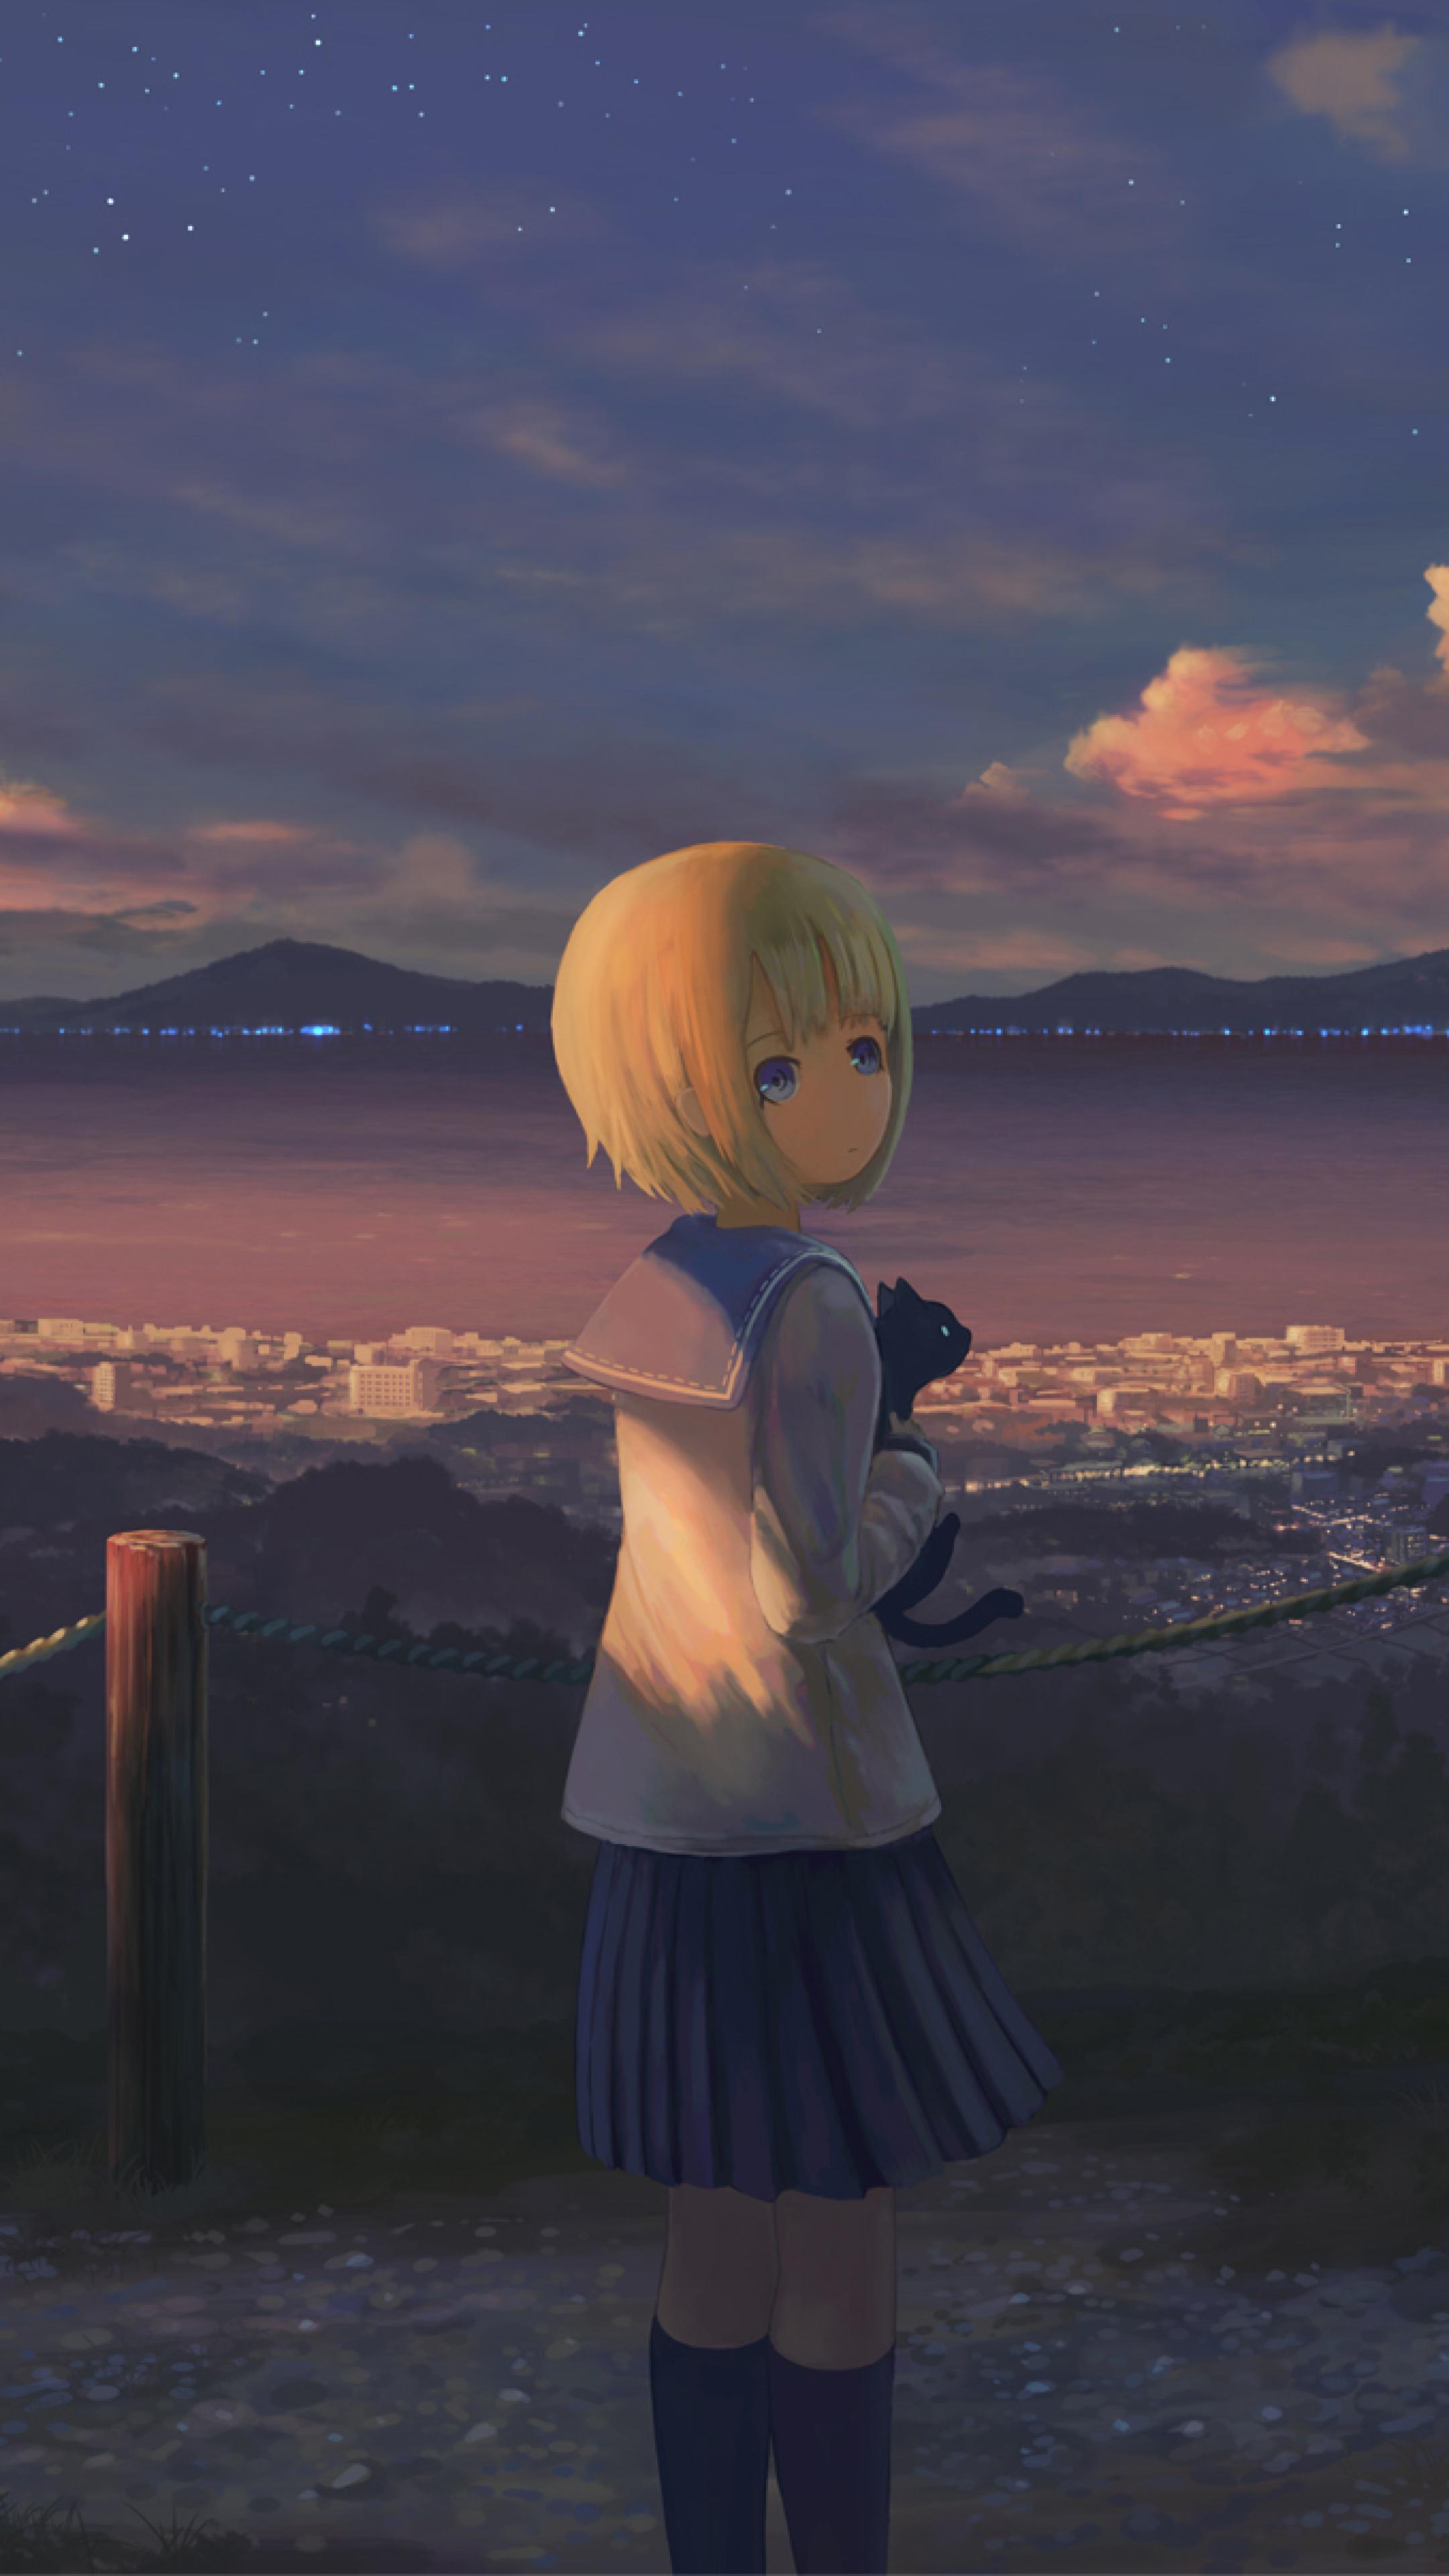 Alone Cartoon Girl 2160x3840 anime girl alone standing sony xperia x,xz,z5